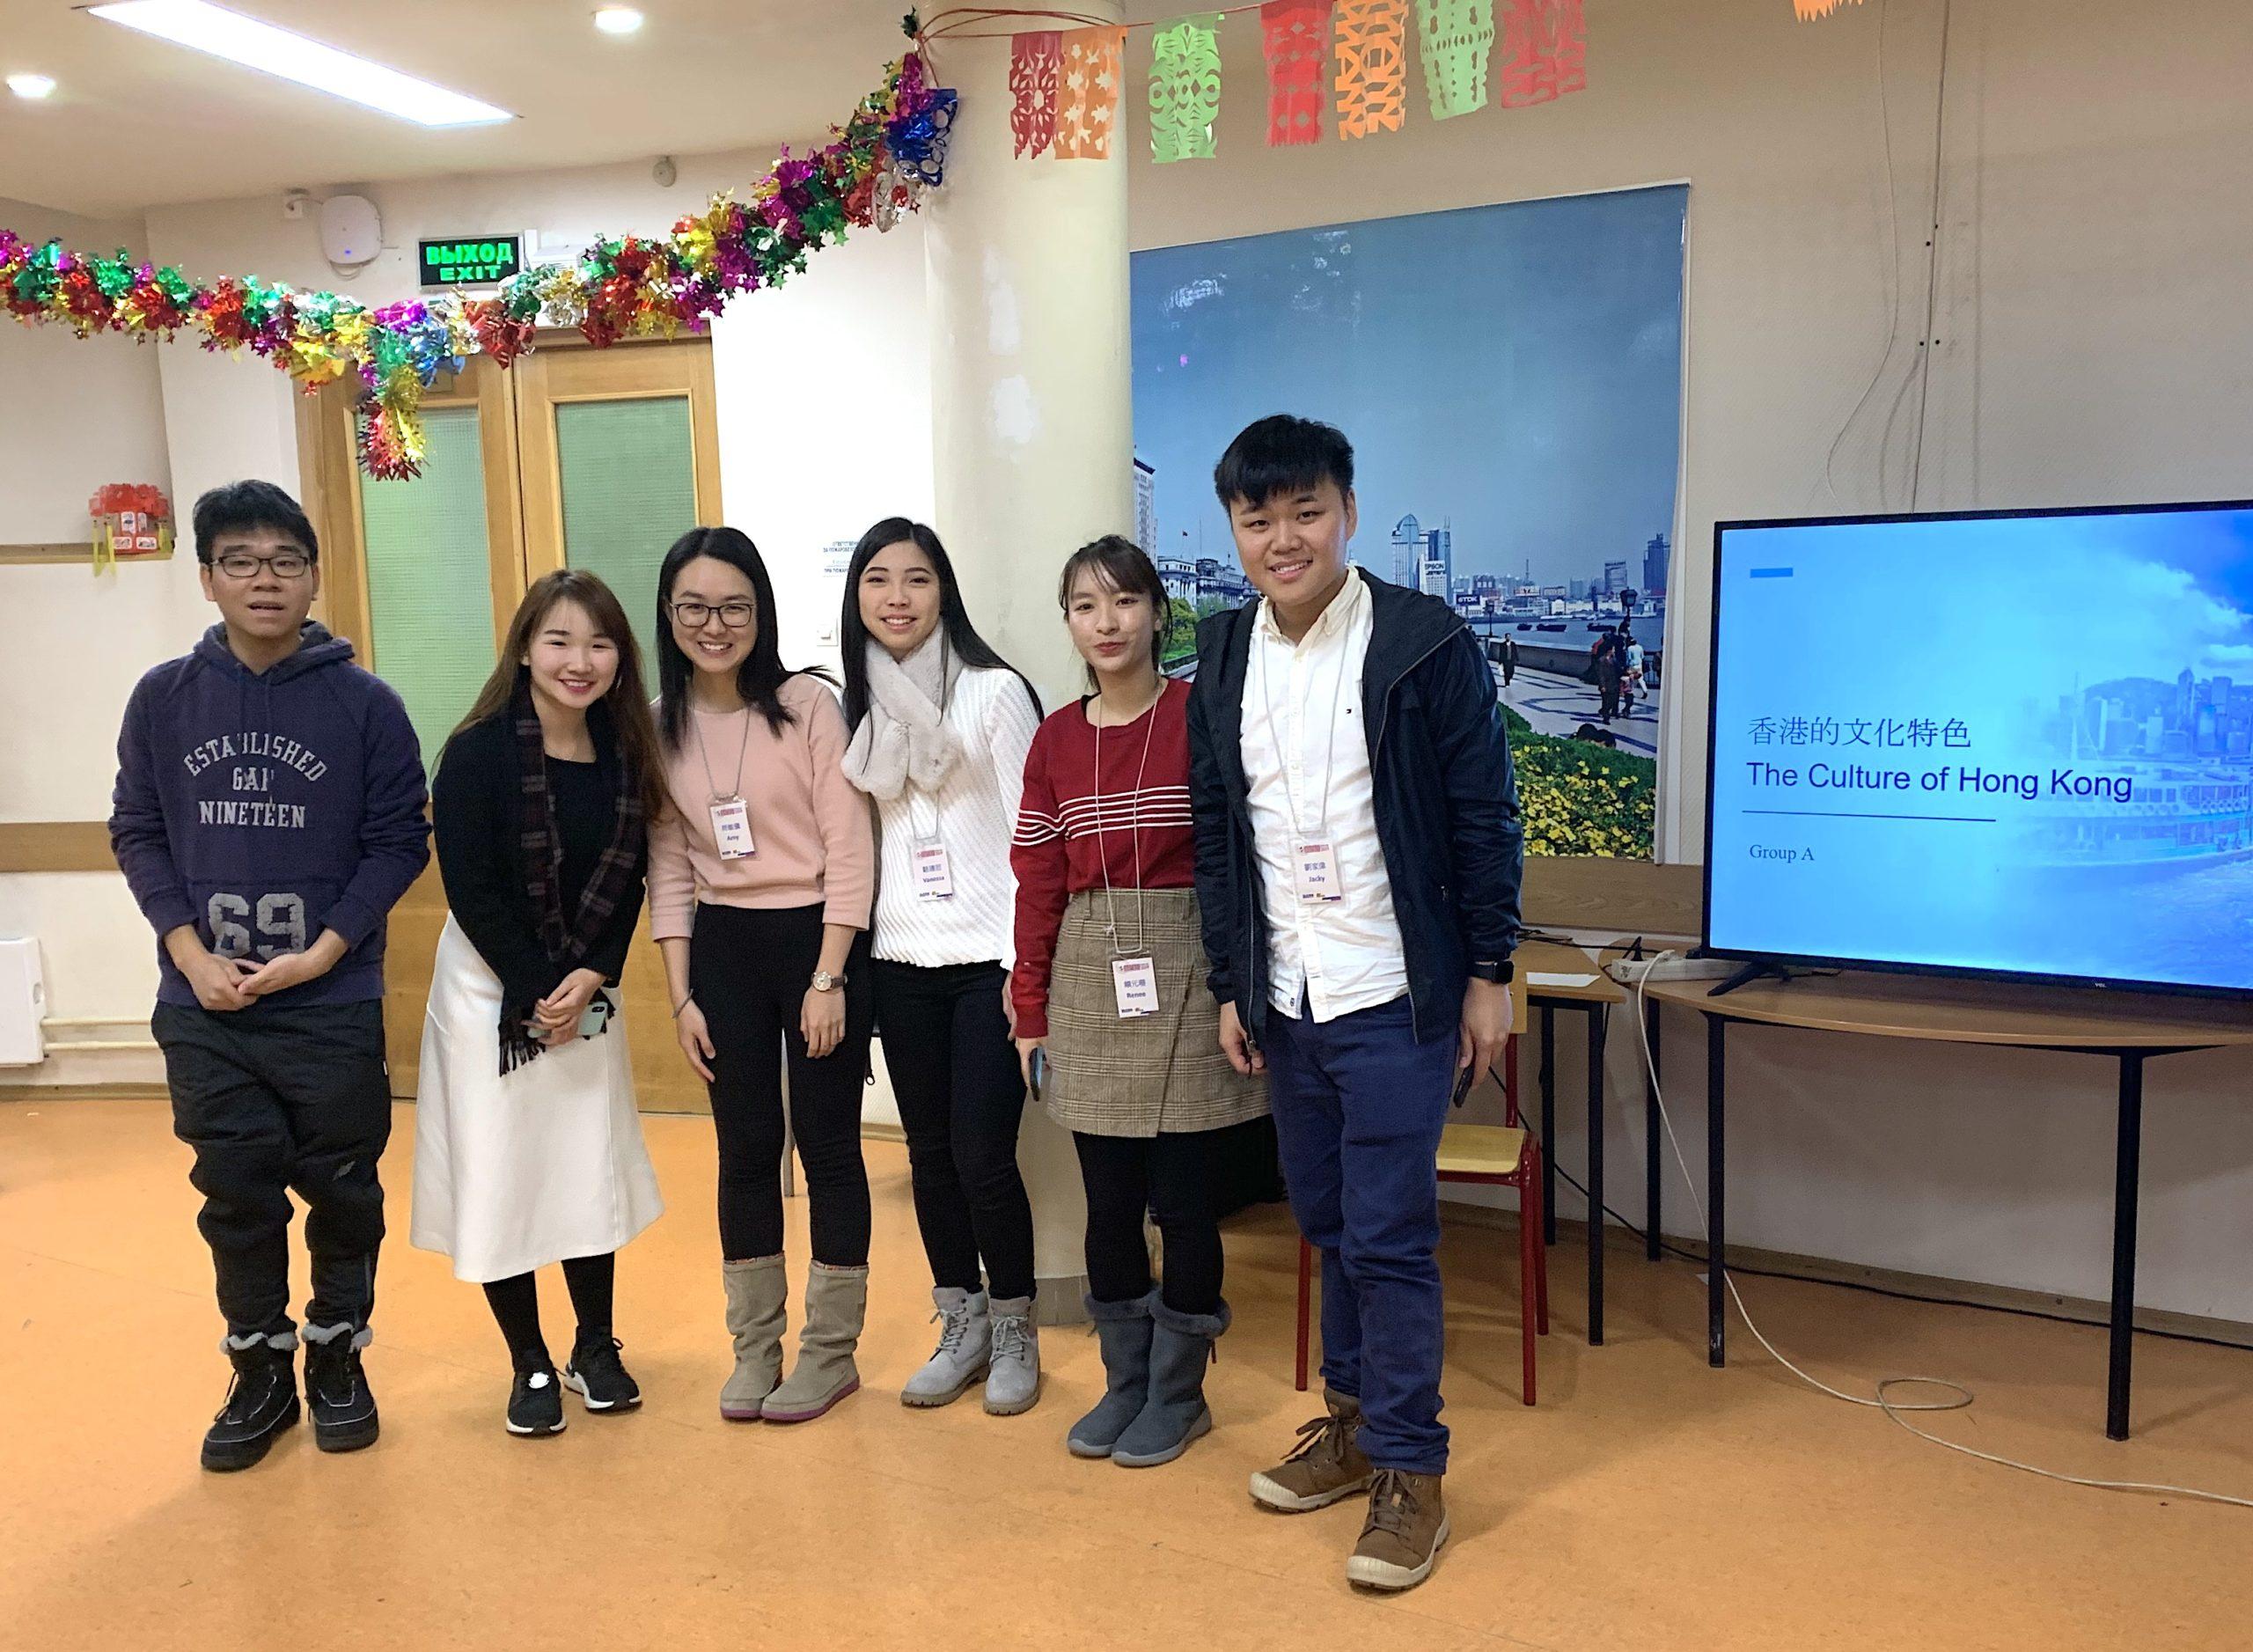 Студенческая делегация из Гонконга в ИИЯ